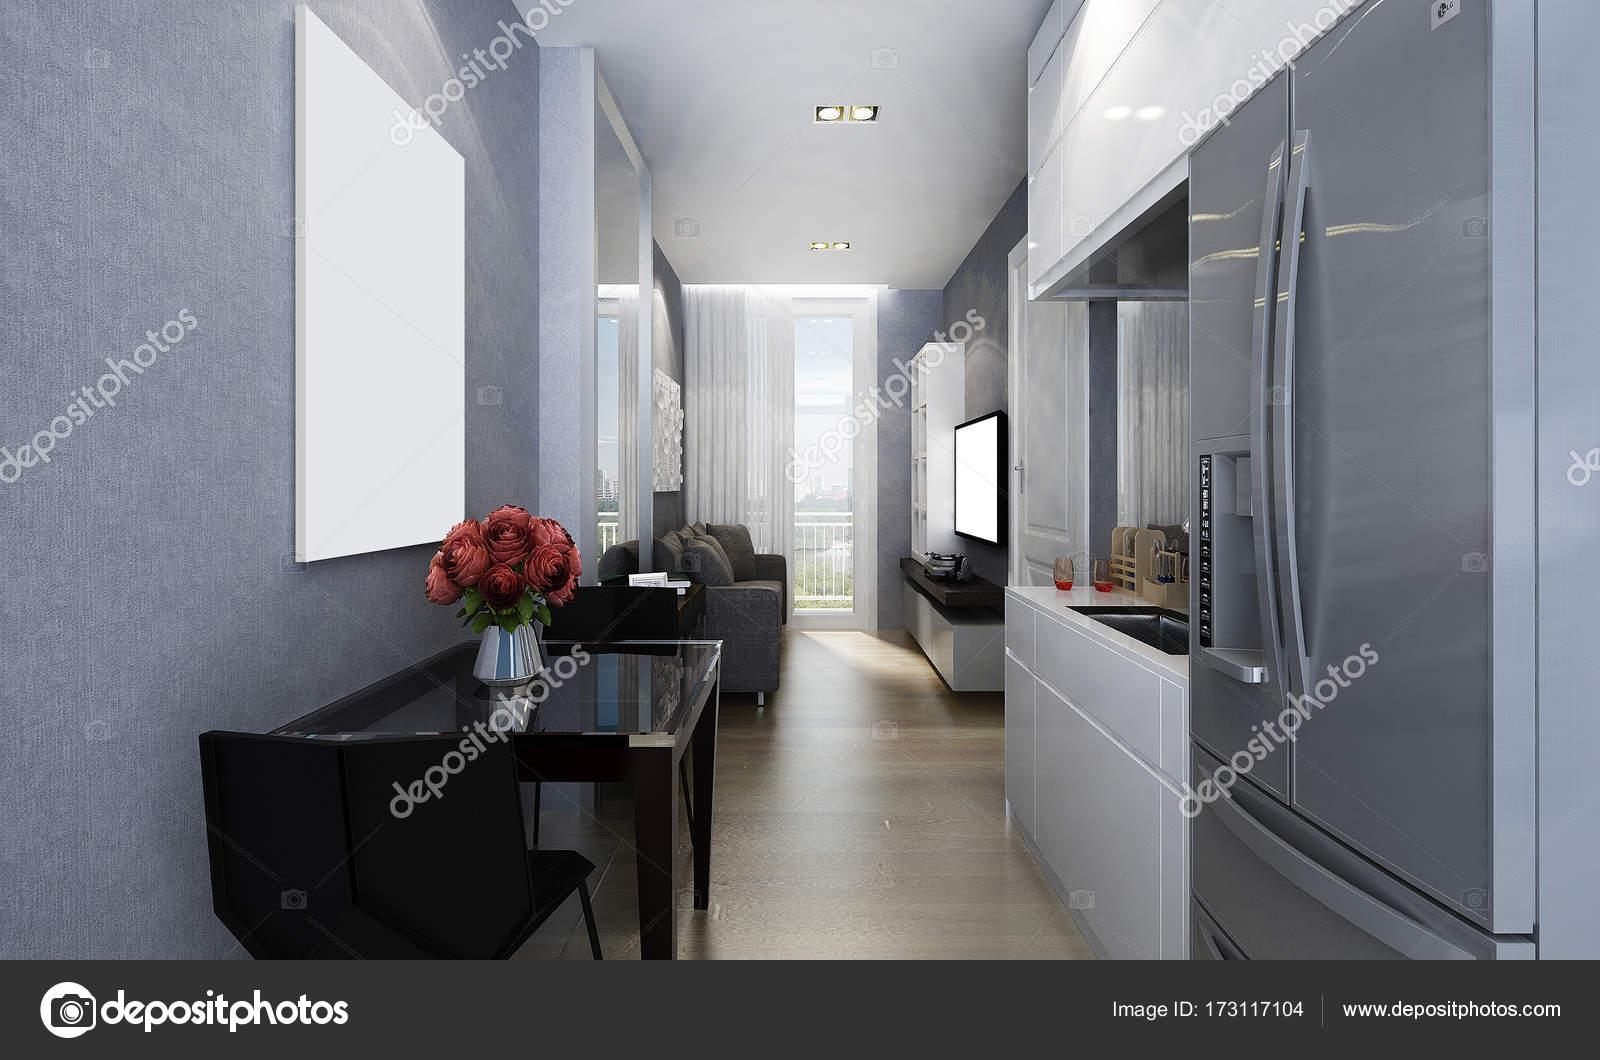 Diseños Sala Comedor Pequeños : El diseño interior de sala comedor pequeñas u foto de stock